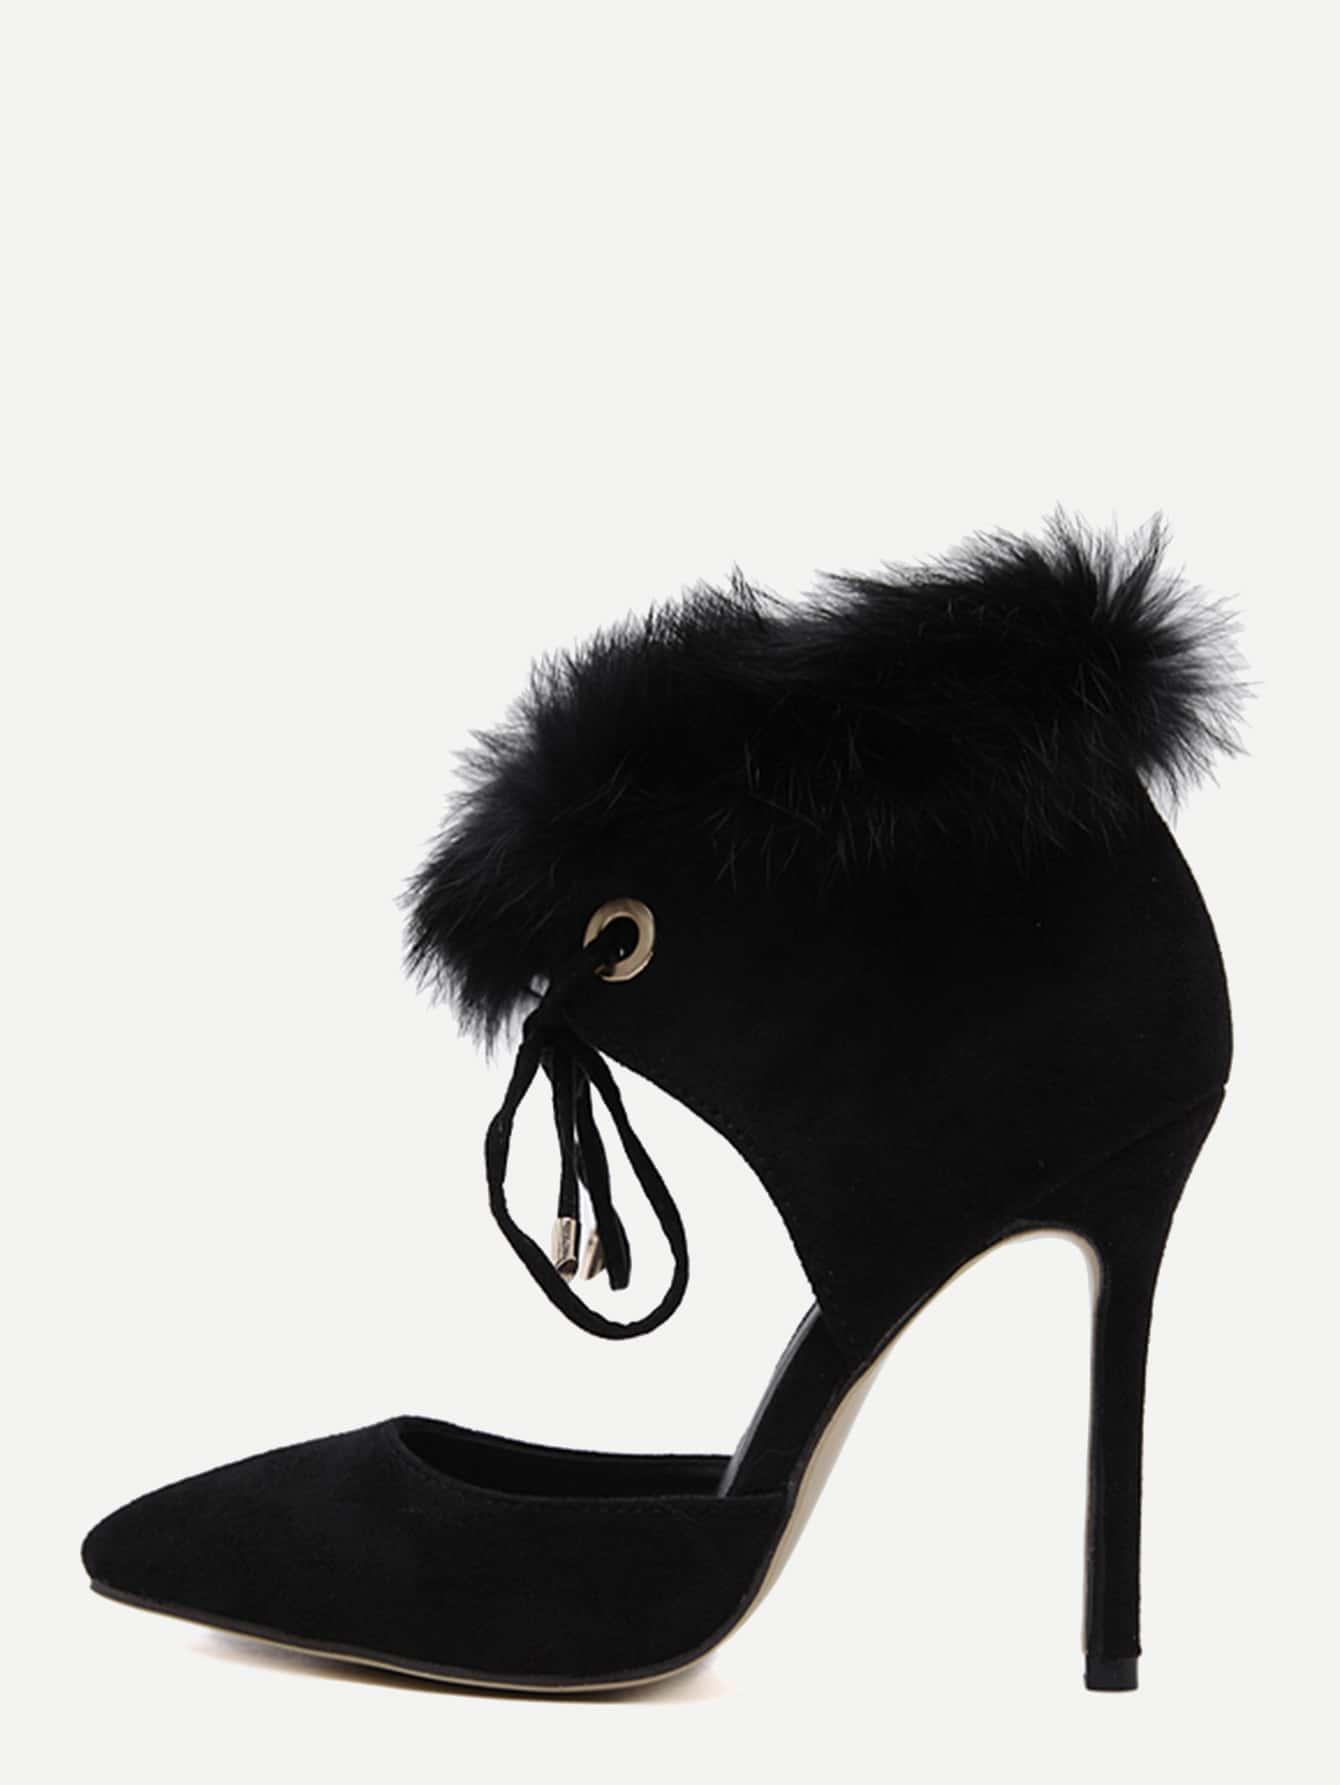 shoes161017804_2